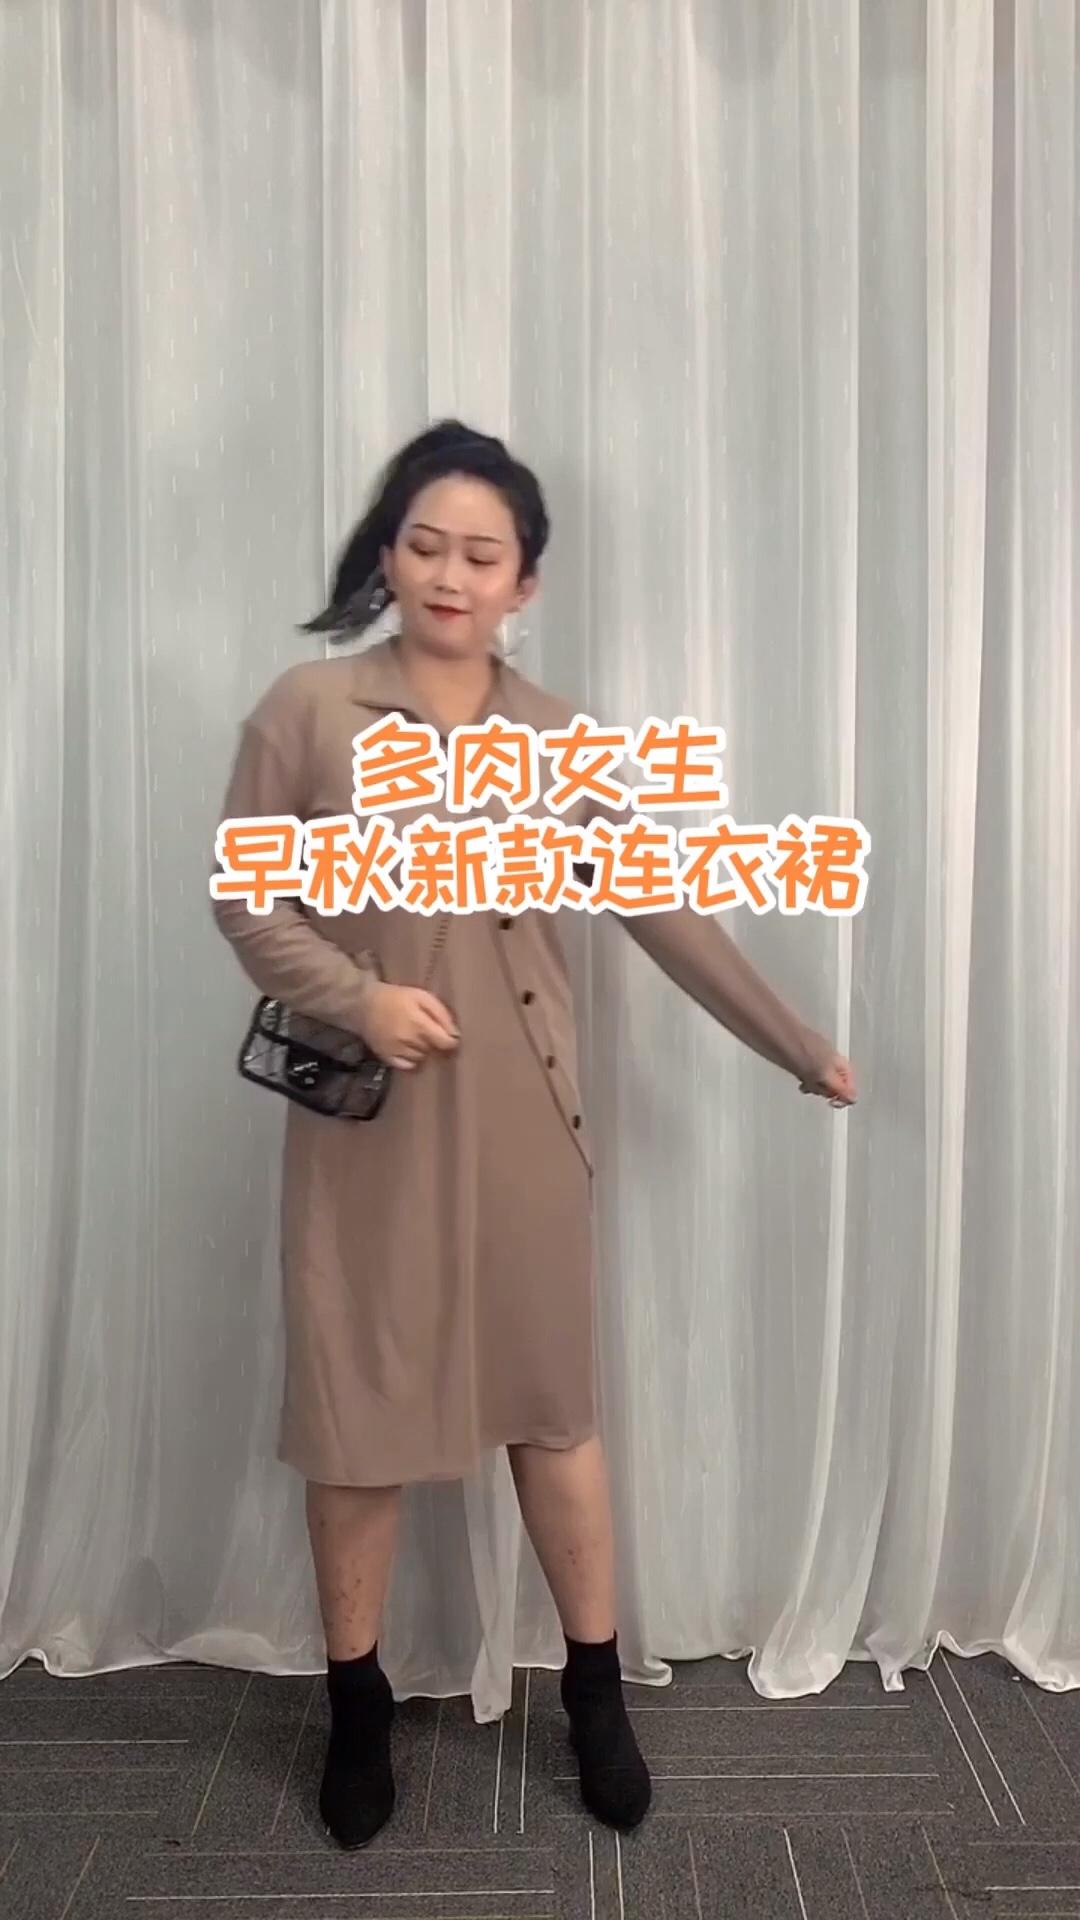 #夏→秋,一件外套搞定!#  P7️⃣  一件舒服的衬衫裙  随手一抓就可以出街  慵懒随性范儿  💁🏻♀️适合日常穿